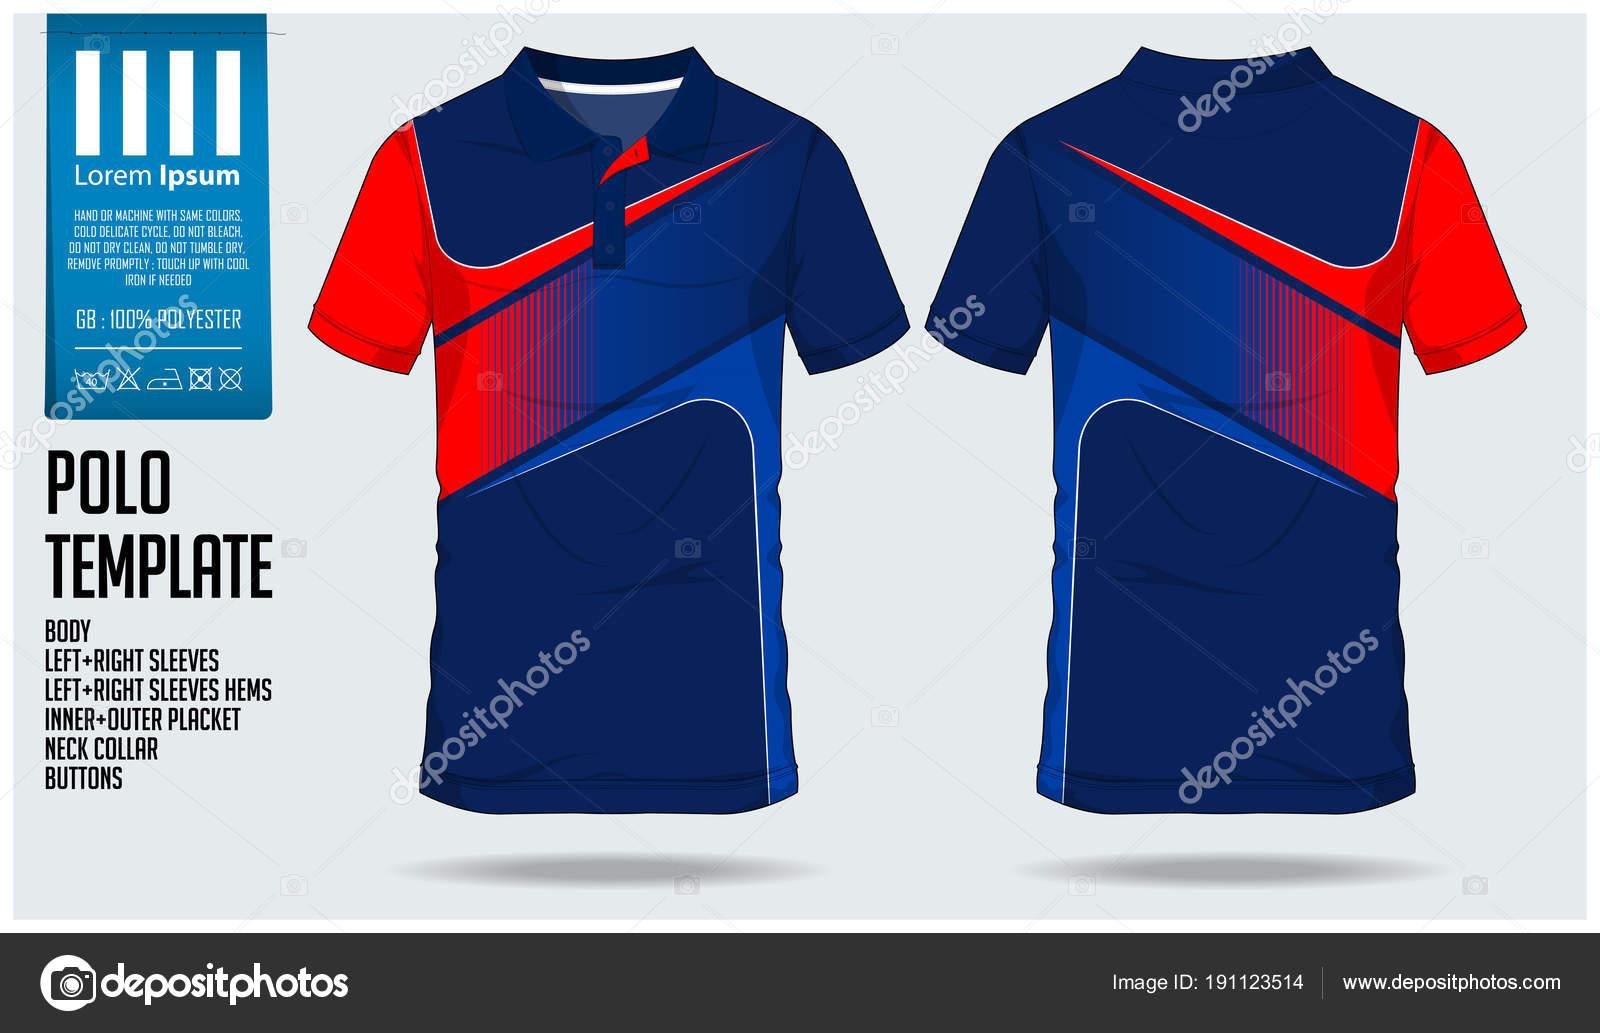 Blue Polo camiseta plantilla diseño para camiseta de fútbol 9dabcfe805511